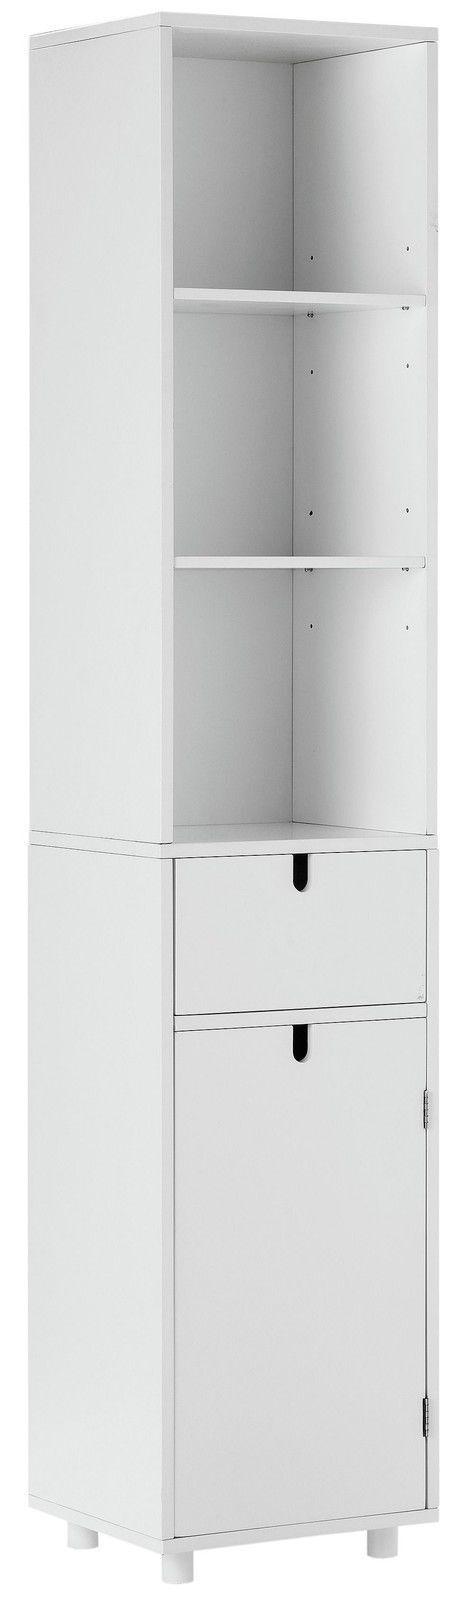 Bathroom Tall Cabinets For, Tall Bathroom Cabinets Ikea